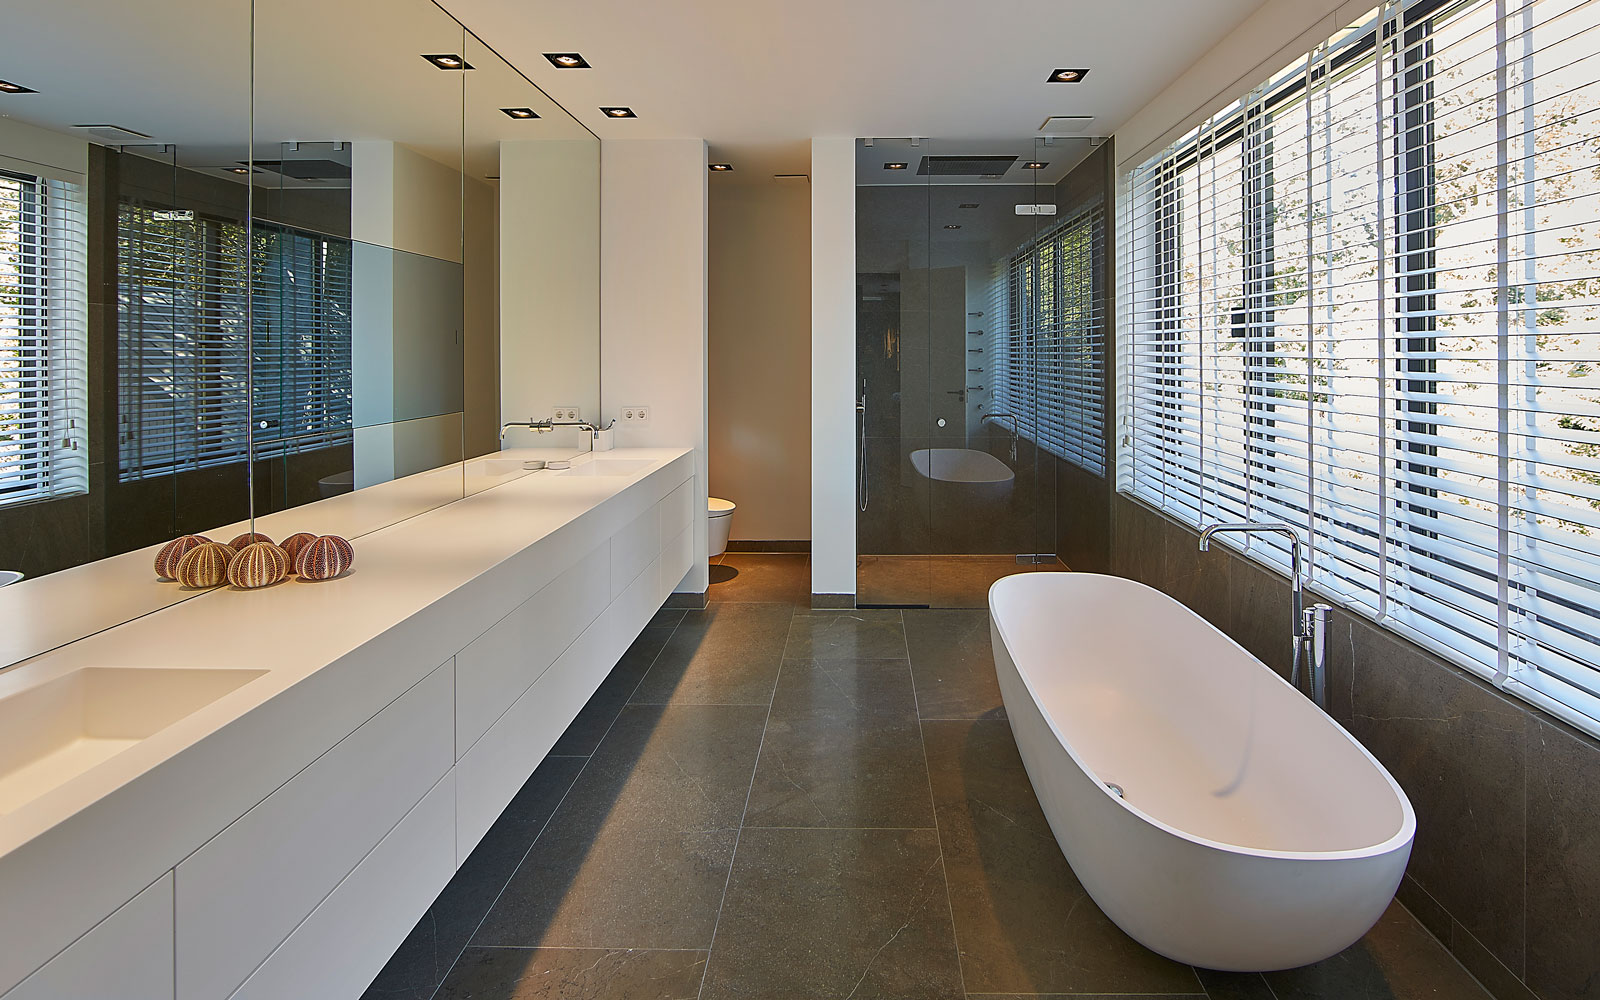 Badkamer, SJARTEC, tegelvloer, natuursteen, vrijstaand bad, kraan van Vola, Symmetrische villa, PBV Architects